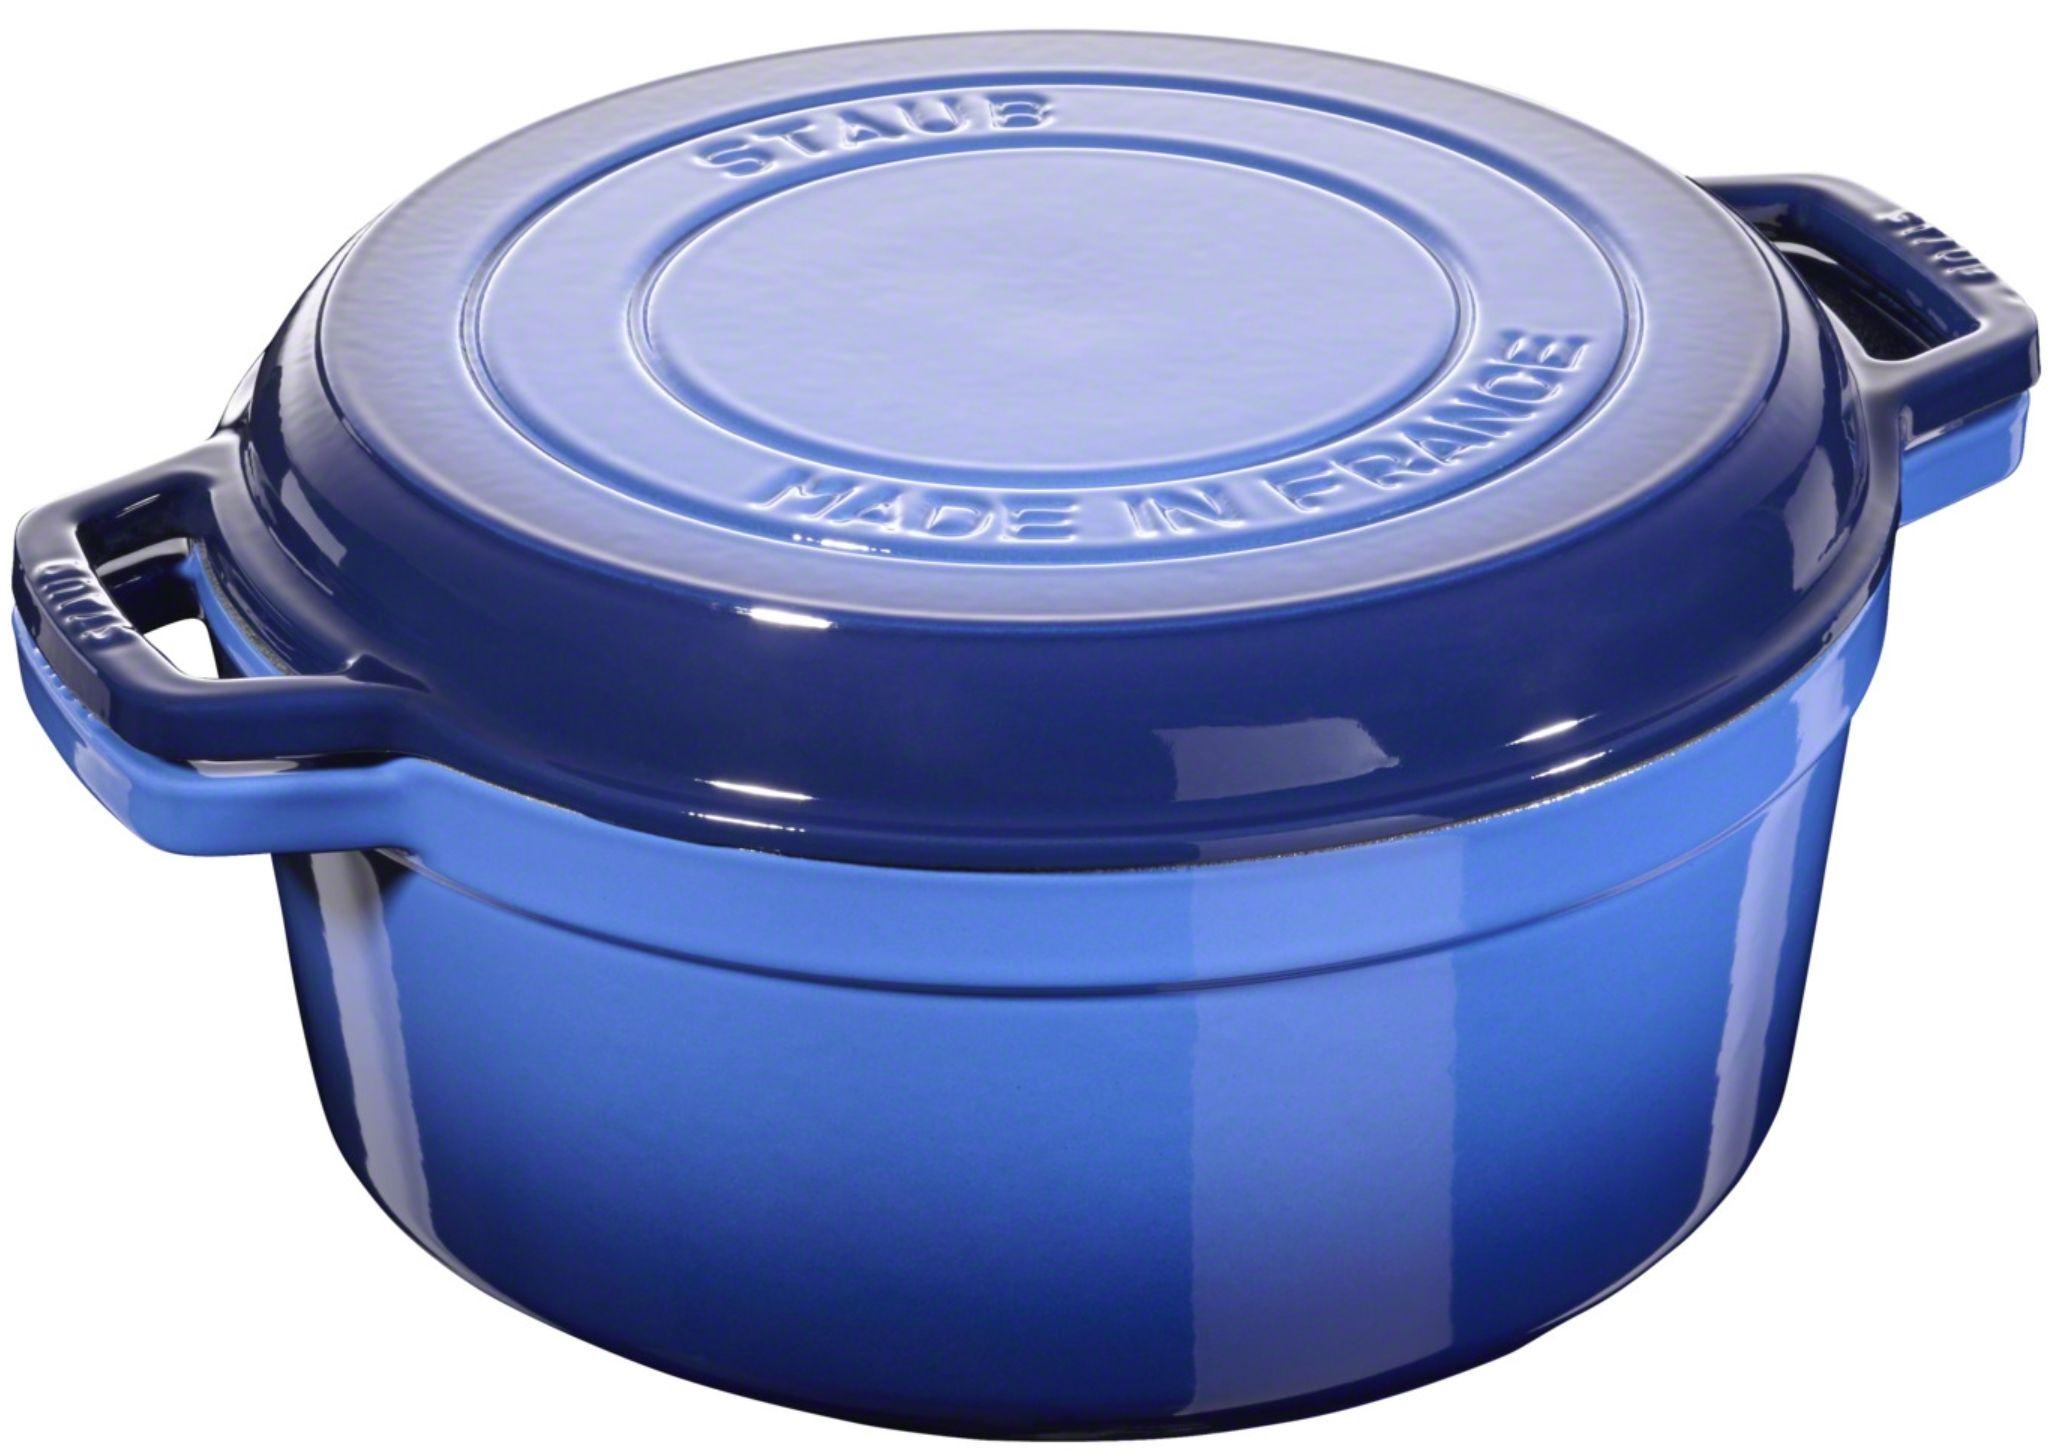 Staub 2-in-1 Cocotte und Grillpfanne (28cm, 6.1 Liter, für alle Herdarten, gusseisern mit Emaillierung, spülmaschinengeeignet)